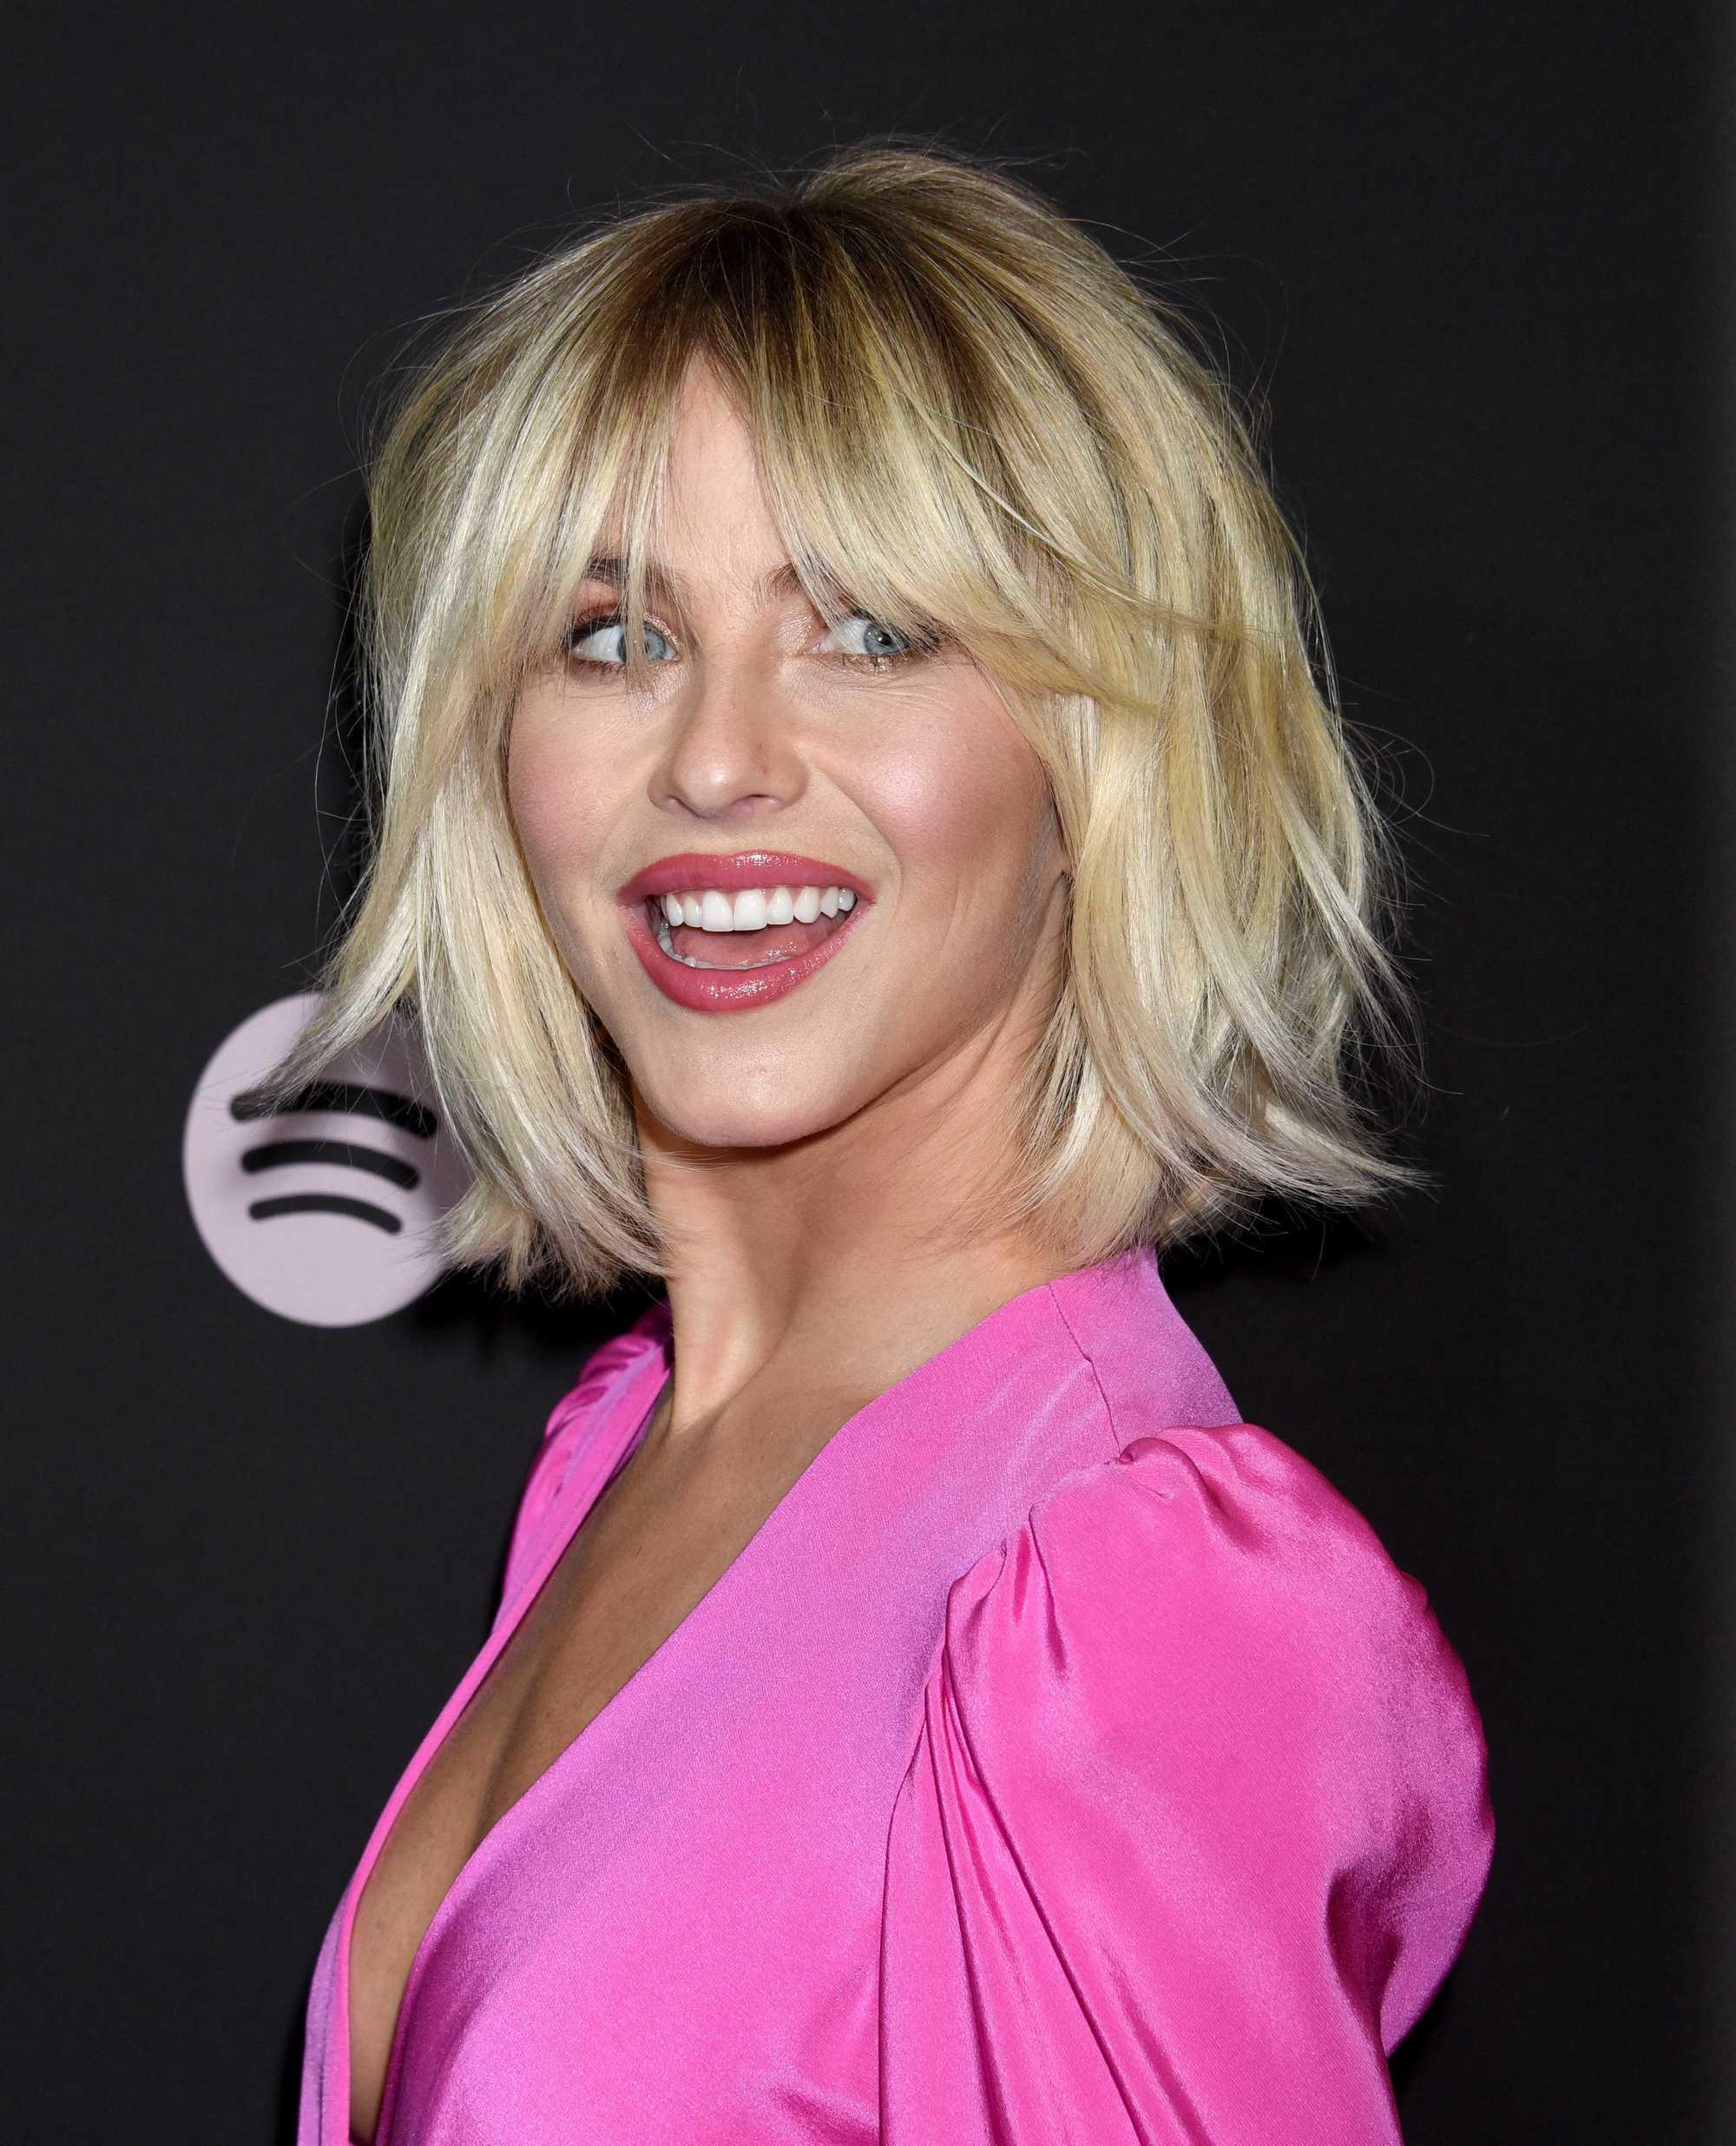 Julianne Hough sur le tapis rouge avec une coupe de cheveux blonde dorée et hirsute de bobsleigh portant tout le rose